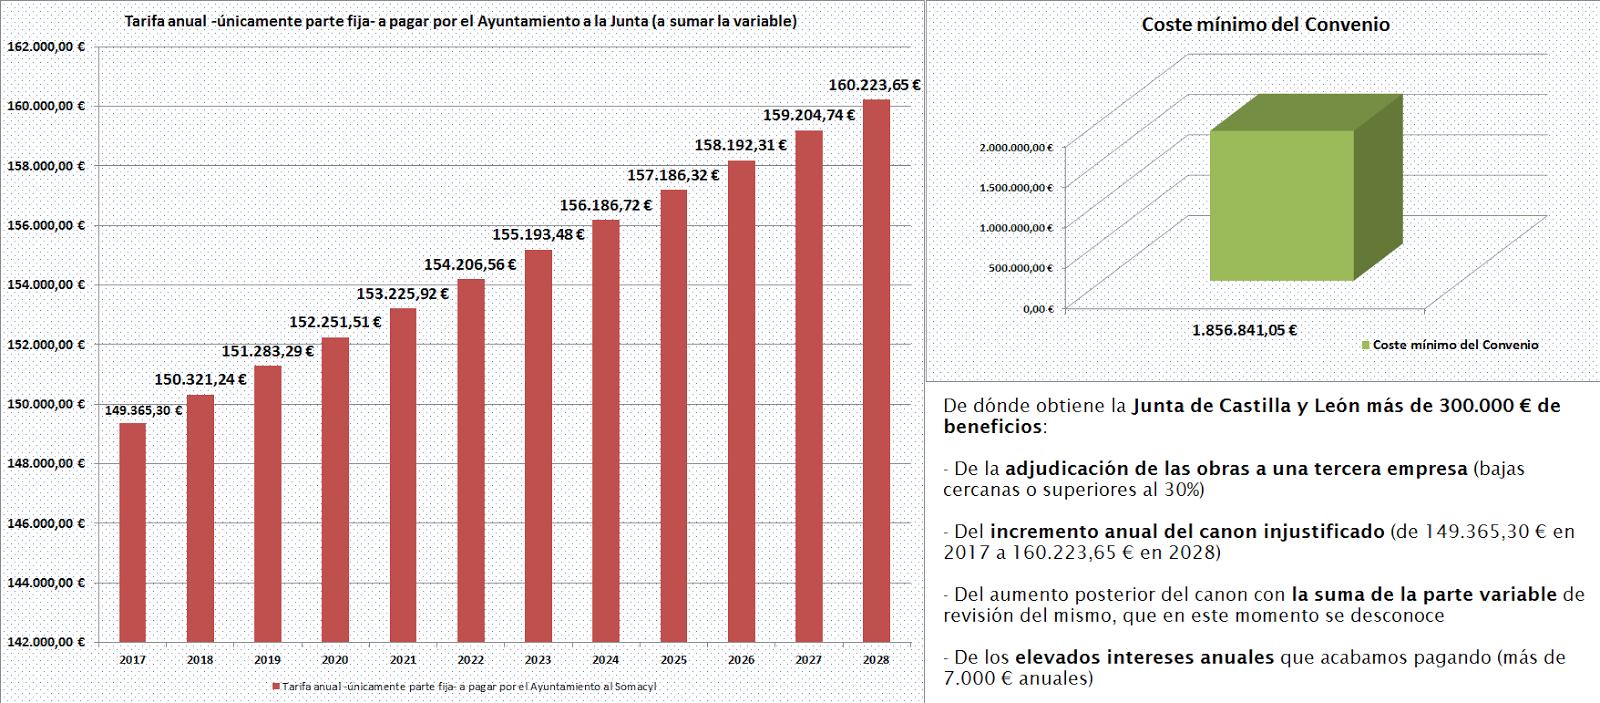 PSOE de Valencia de Don Juan: 2016